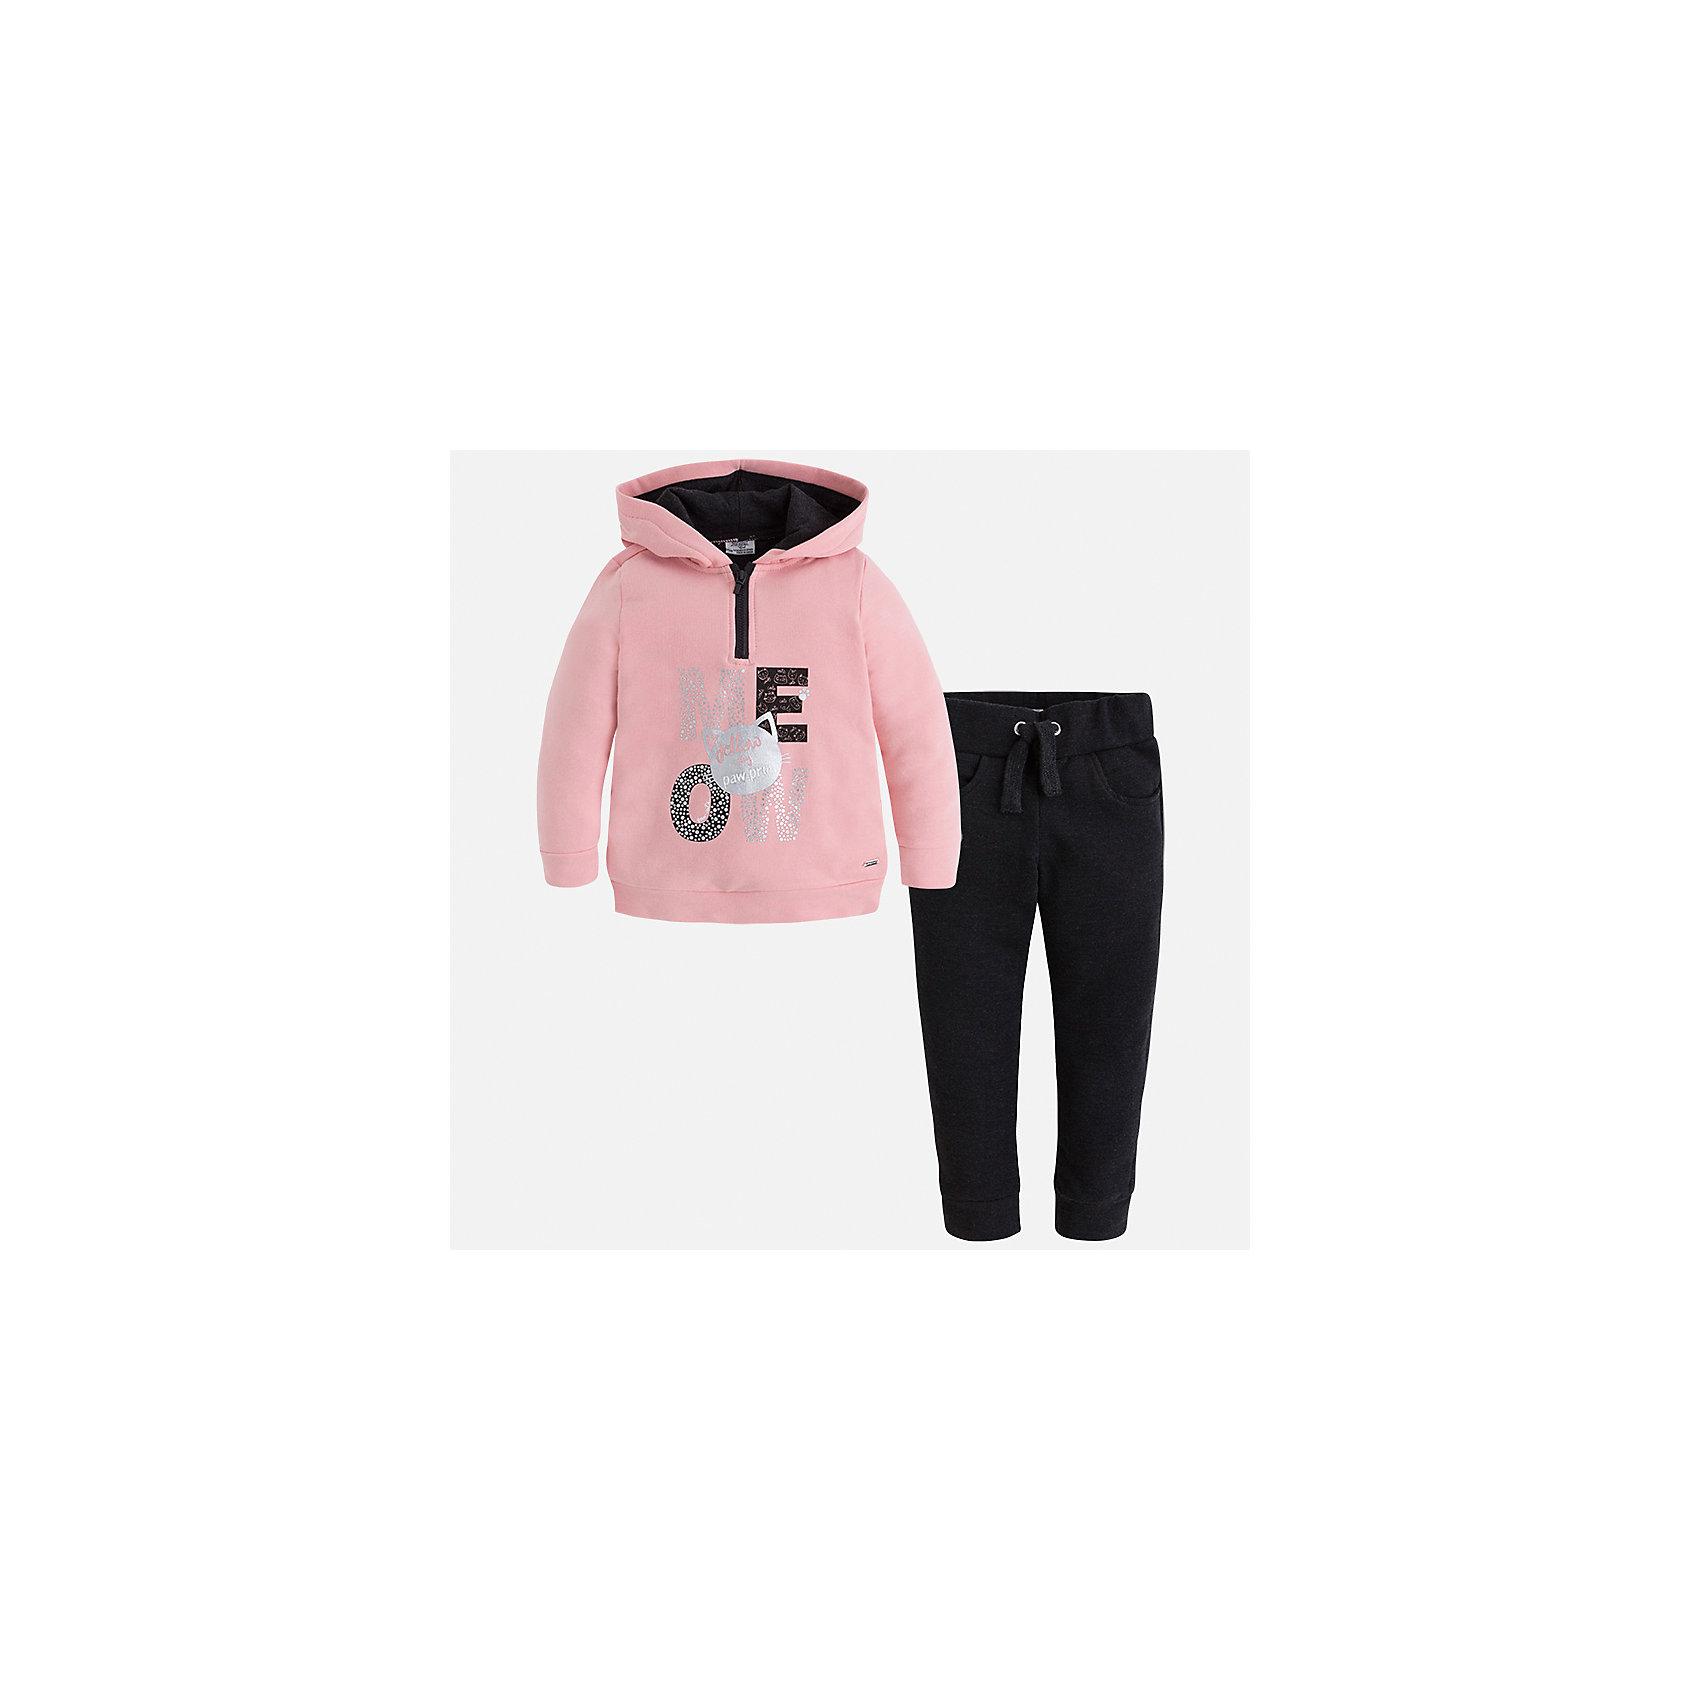 Спортивный костюм Mayoral для девочкиСпортивная форма<br>Характеристики товара:<br><br>• цвет: черный<br>• комплектация: курточка и брюки<br>• состав ткани курточки: 48% хлопок, 37% полиэстер, 5% эластан; подкладка - 60% хлопок, 40% полиэстер<br>• состав ткани брюк: 58% хлопок, 38% полиэстер, 4% эластан<br>• длинные рукава<br>• застежка: молния<br>• пояс: резинка и шнурок<br>• особенности модели: спортивный стиль<br>• сезон: круглый год<br>• страна бренда: Испания<br>• страна изготовитель: Индия<br><br>Курточка с принтом из этого комплекта дополнена капюшоном. Удобный детский спортивный костюм от известного бренда Майорал выглядит аккуратно и стильно. Модный спортивный костюм - отличный вариант одежды для отдыха и занятий спортом. <br><br>Для производства детской одежды популярный бренд Mayoral использует только качественную фурнитуру и материалы. Оригинальные и модные вещи от Майорал неизменно привлекают внимание и нравятся детям.<br><br>Спортивный костюм для девочки Mayoral (Майорал) можно купить в нашем интернет-магазине.<br><br>Ширина мм: 247<br>Глубина мм: 16<br>Высота мм: 140<br>Вес г: 225<br>Цвет: черный<br>Возраст от месяцев: 24<br>Возраст до месяцев: 36<br>Пол: Женский<br>Возраст: Детский<br>Размер: 98,134,104,110,116,122,128<br>SKU: 6922981